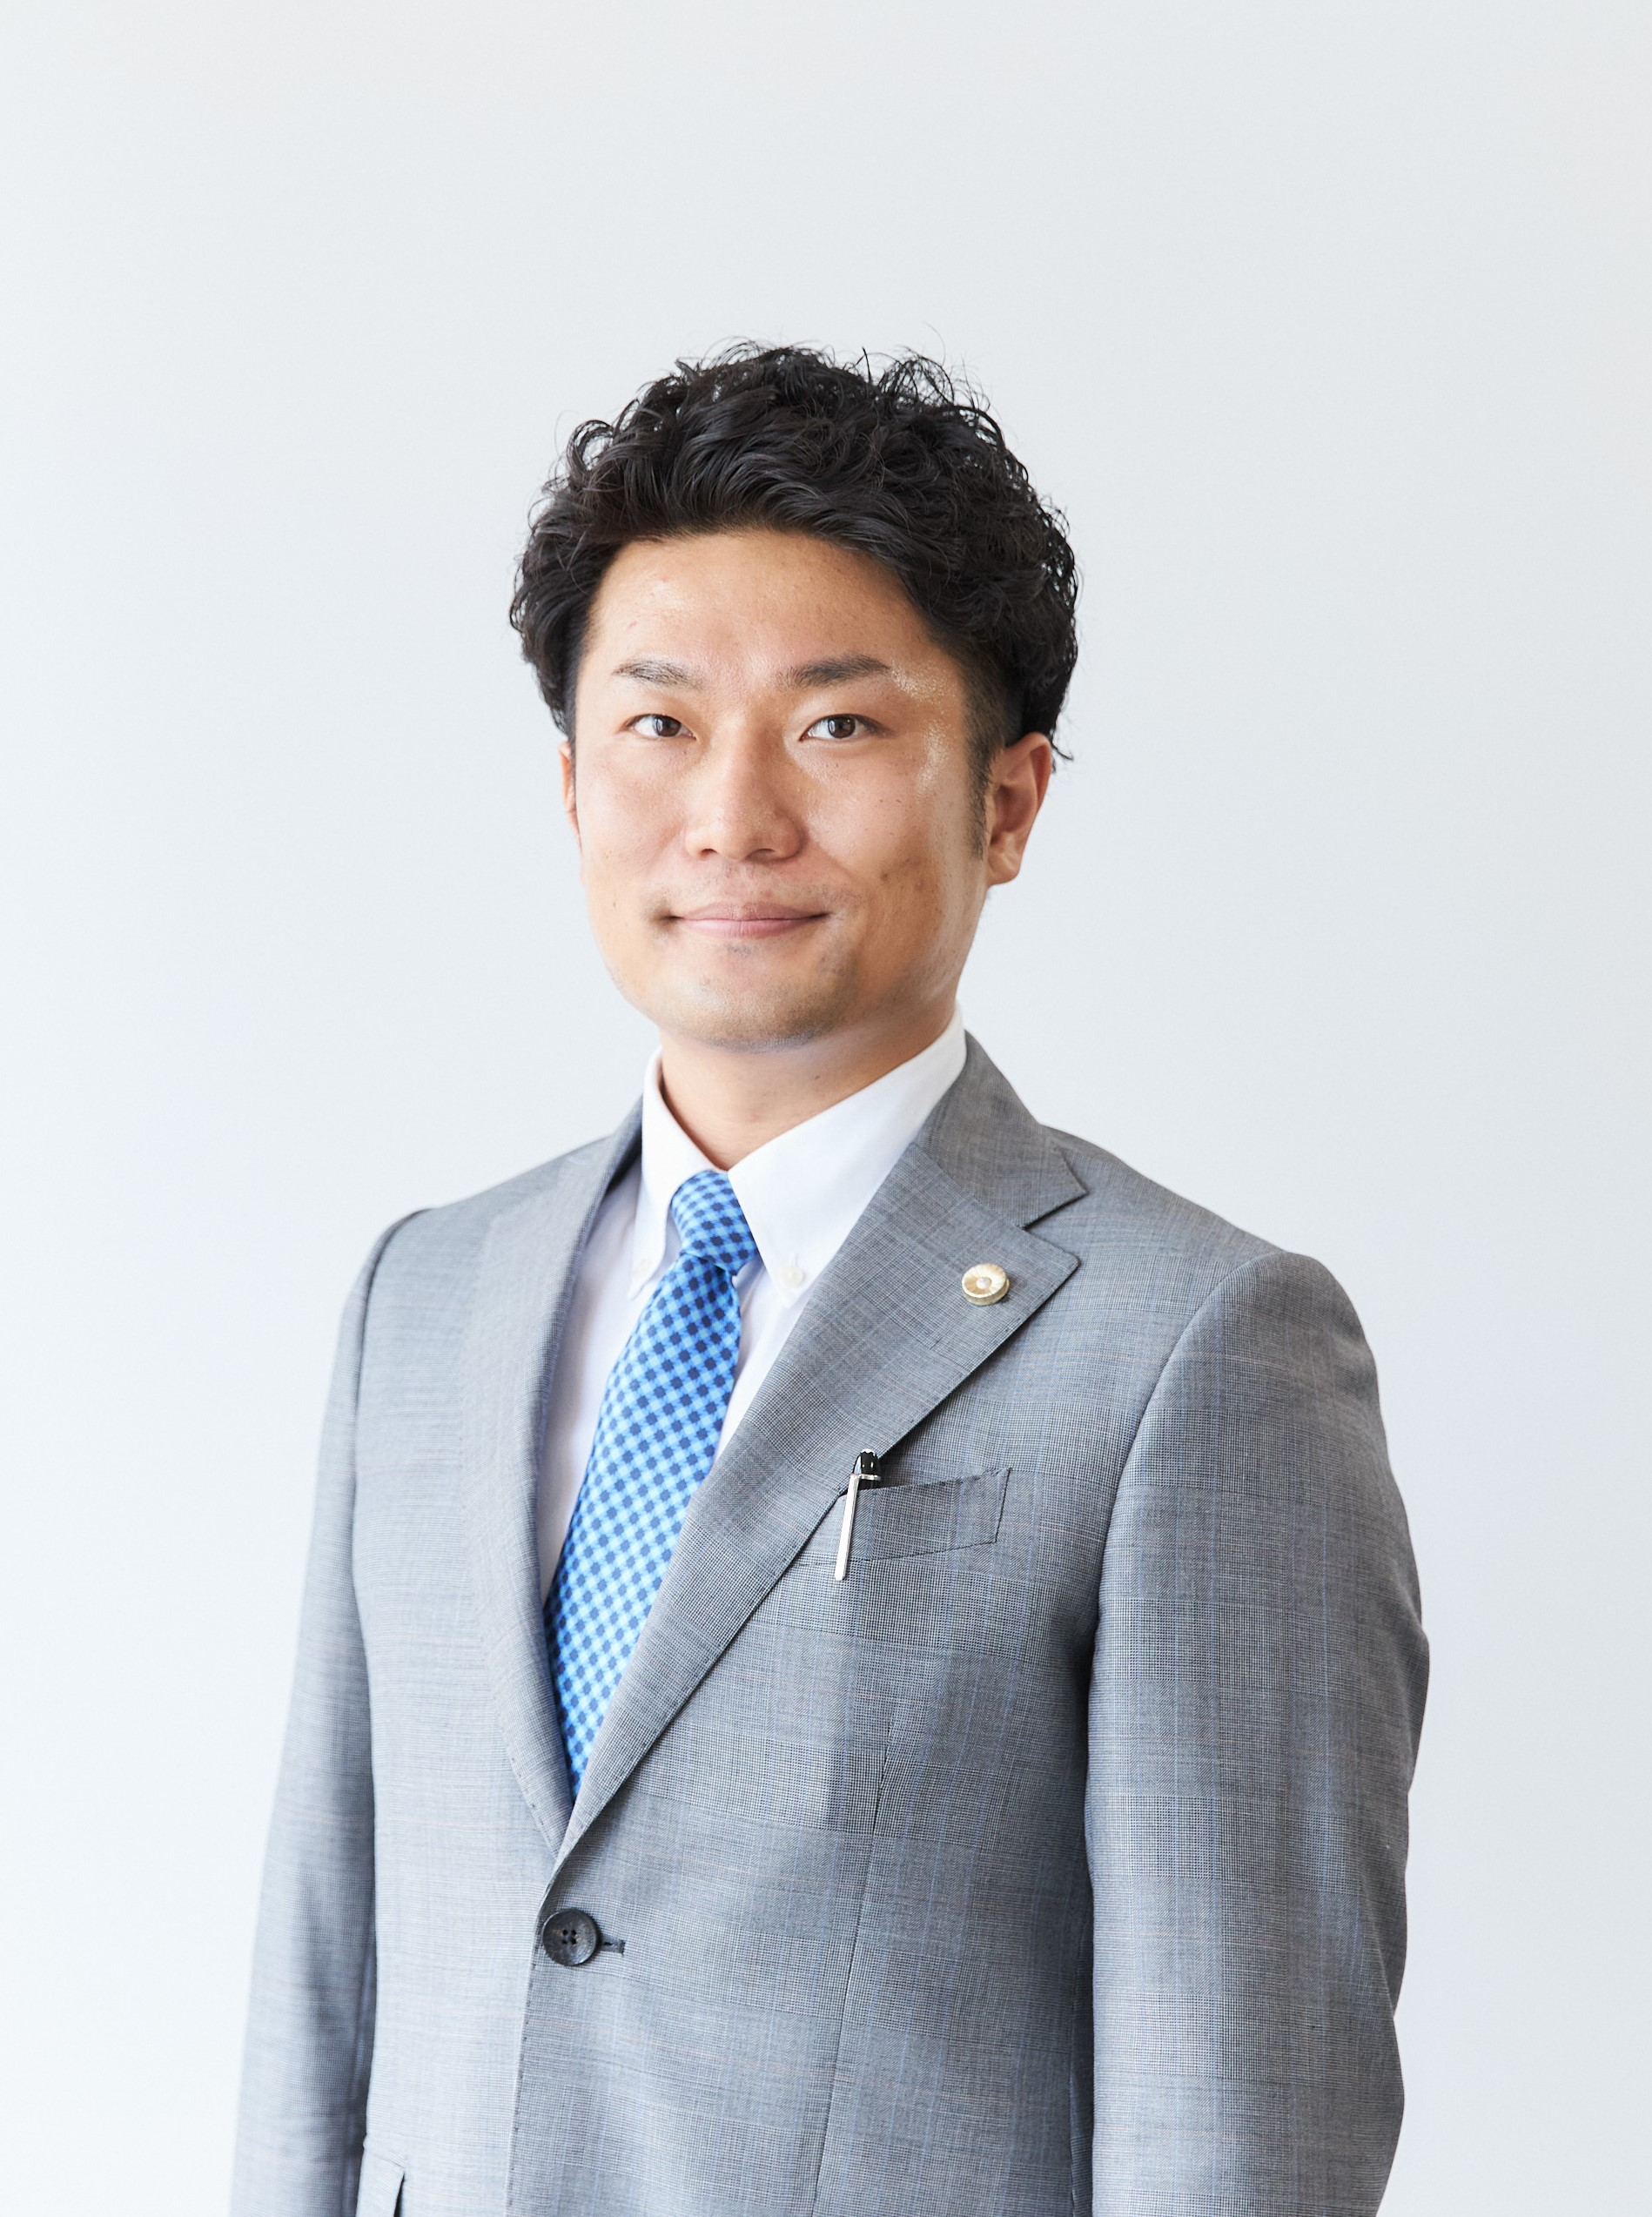 弁護士 時田 剛志